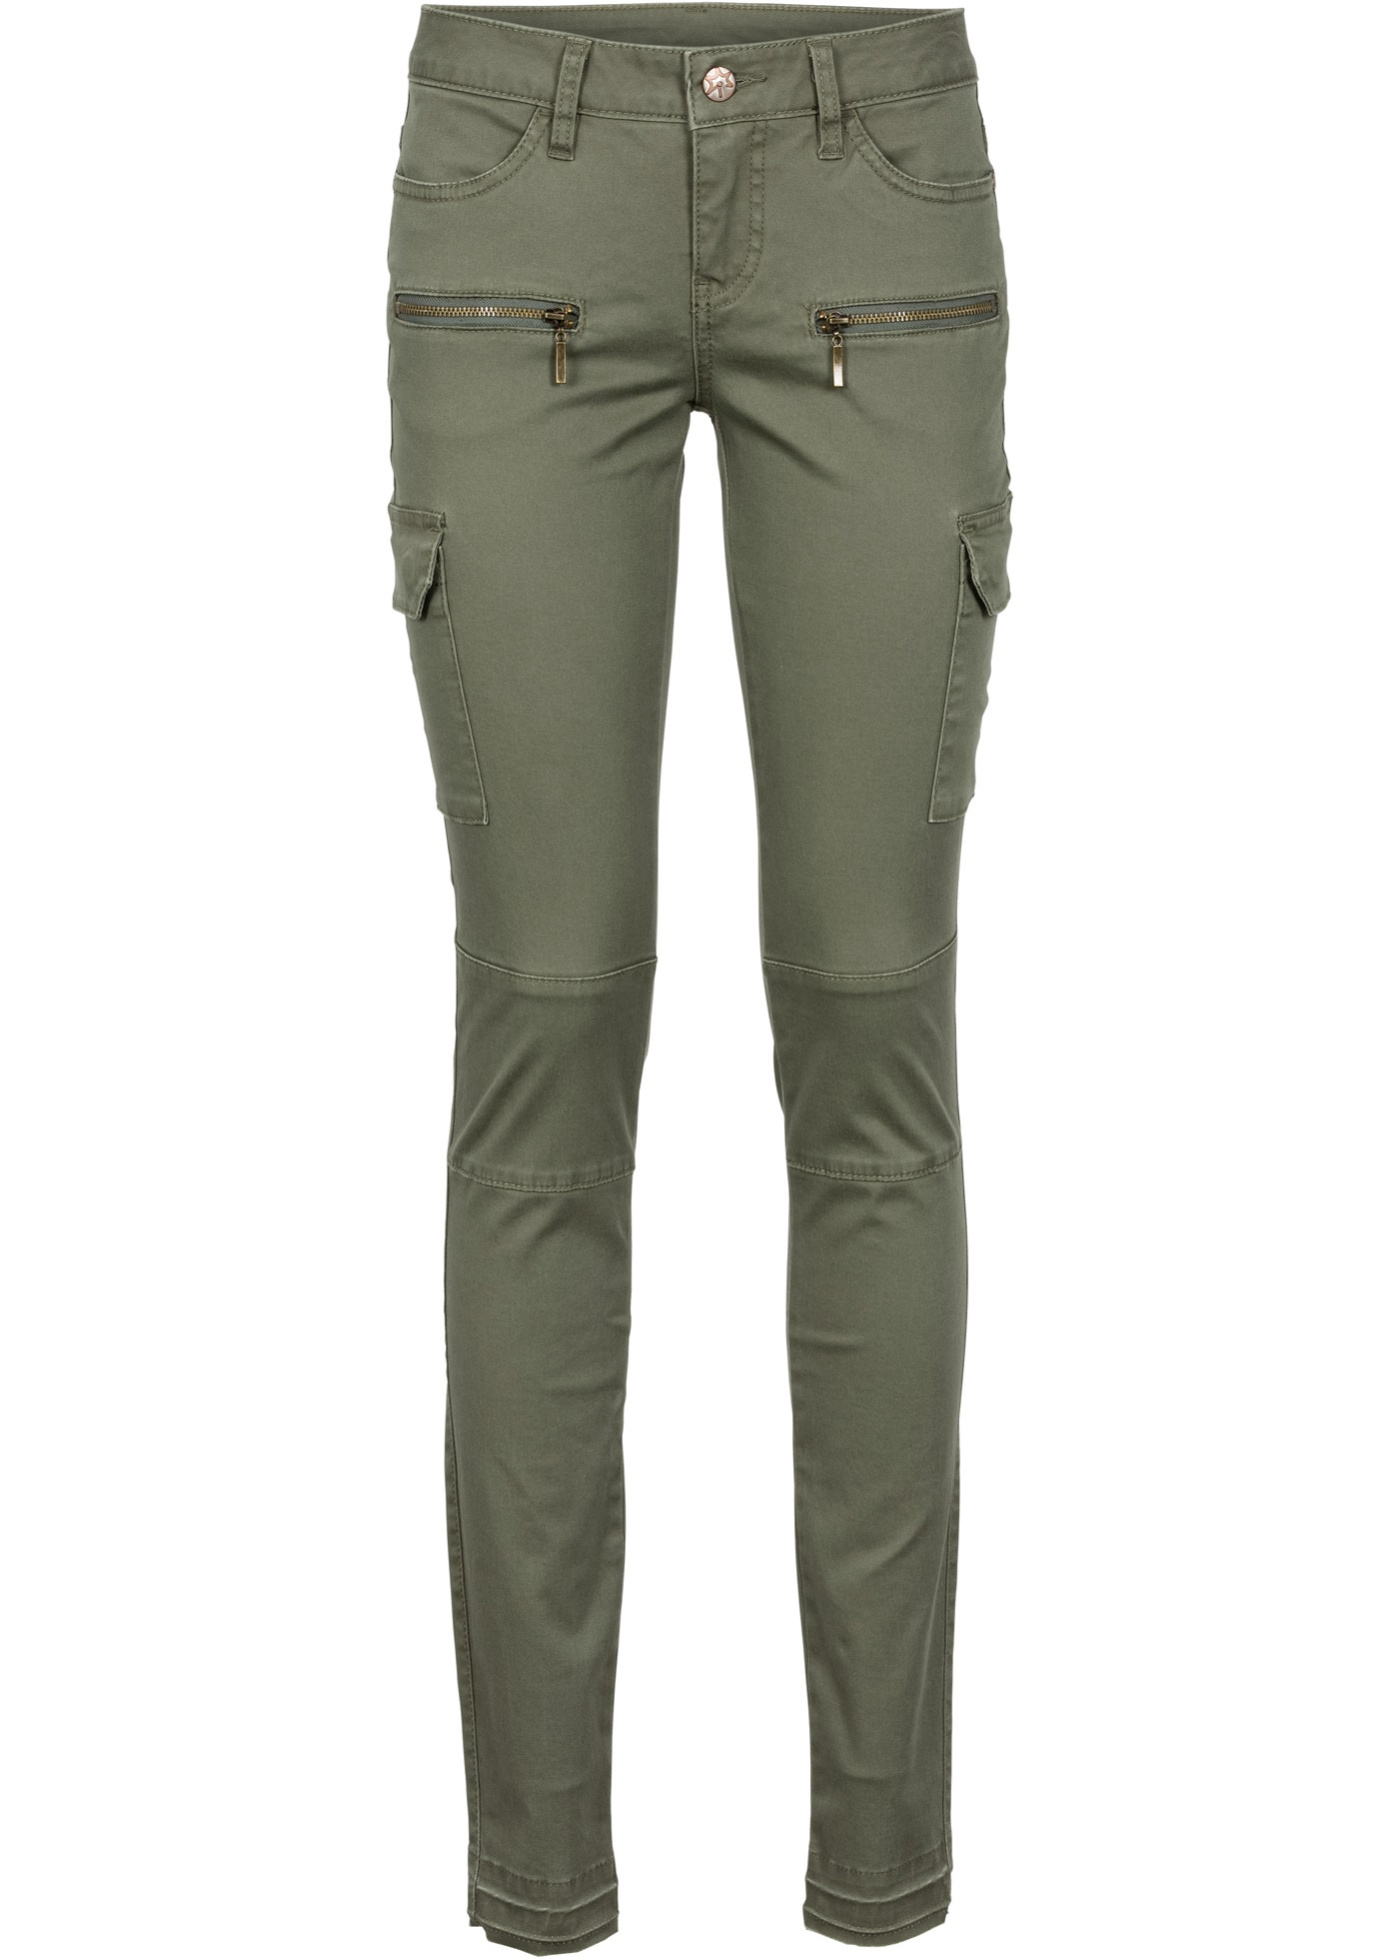 Kargo kalhoty, Skinny - Zelená